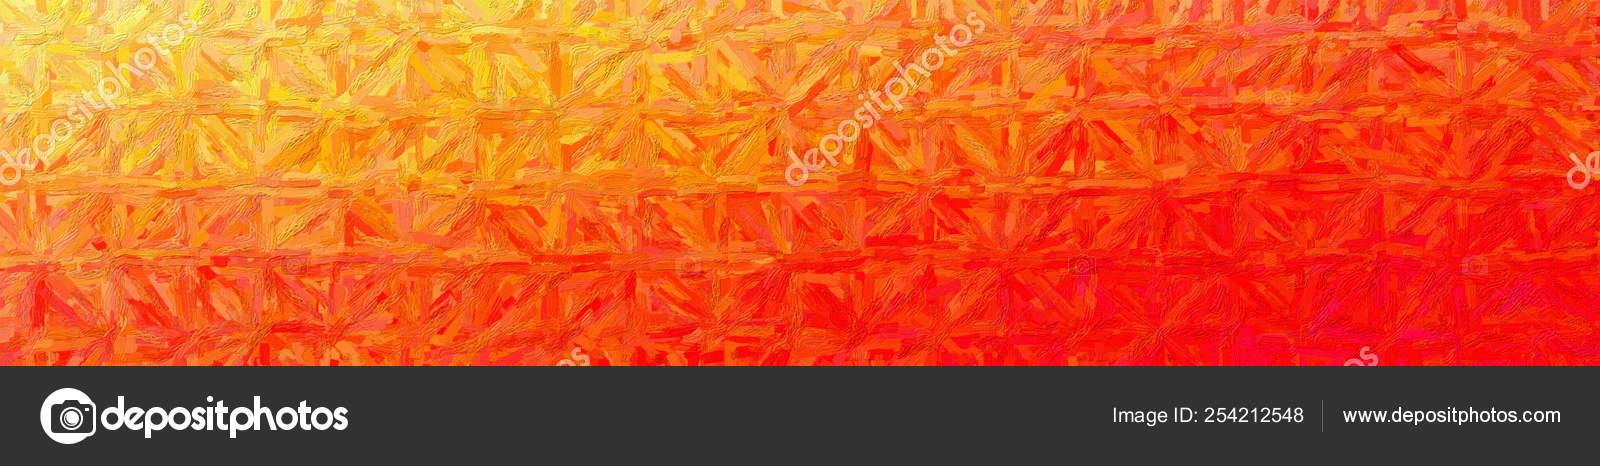 2c61733e91d8 Resumen Ilustración Fondo Empastes Colores Naranja Rosado Rojo — Foto de  Stock